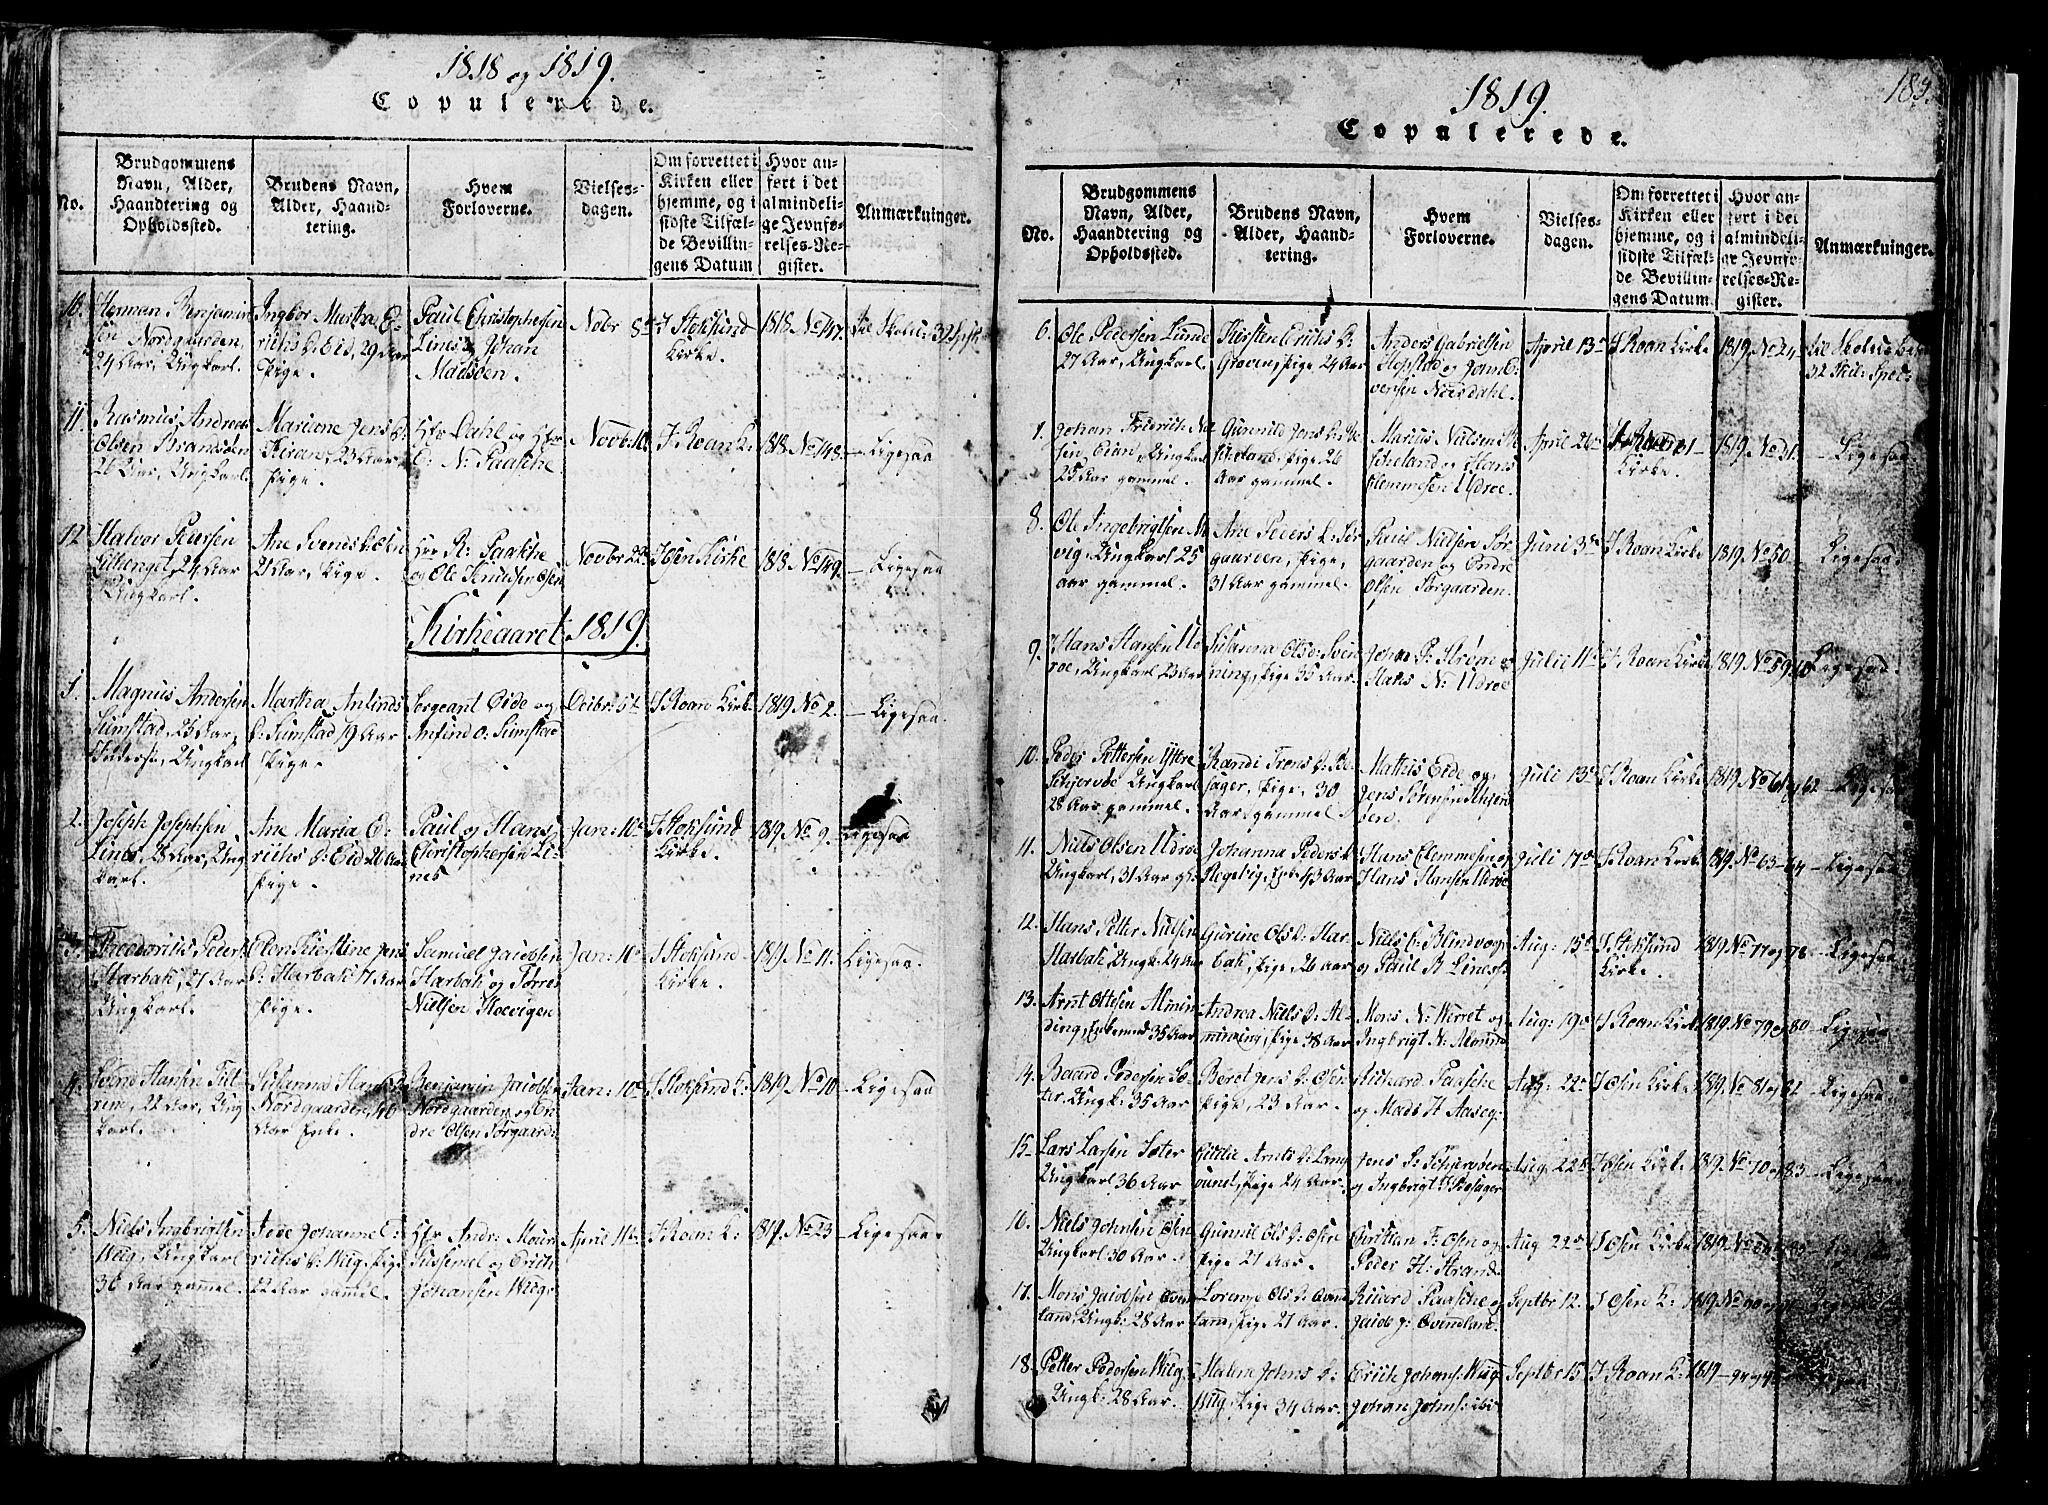 SAT, Ministerialprotokoller, klokkerbøker og fødselsregistre - Sør-Trøndelag, 657/L0714: Klokkerbok nr. 657C01, 1818-1868, s. 185